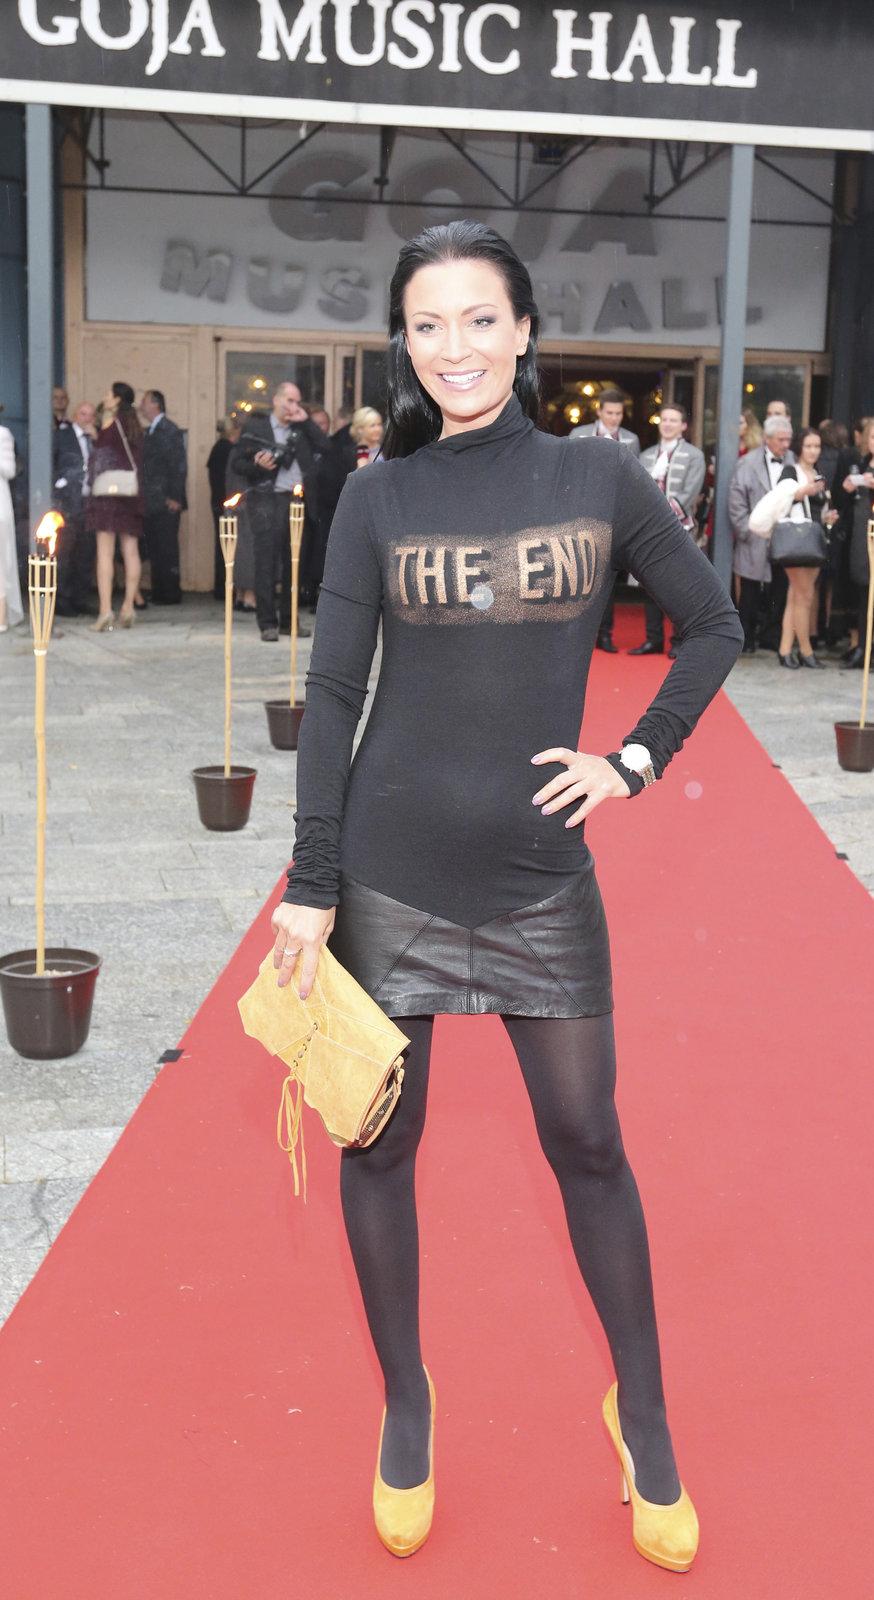 Partyšová absolutně nevystihla závažnost večera a přišla v šílených šatech s nápisem The End.